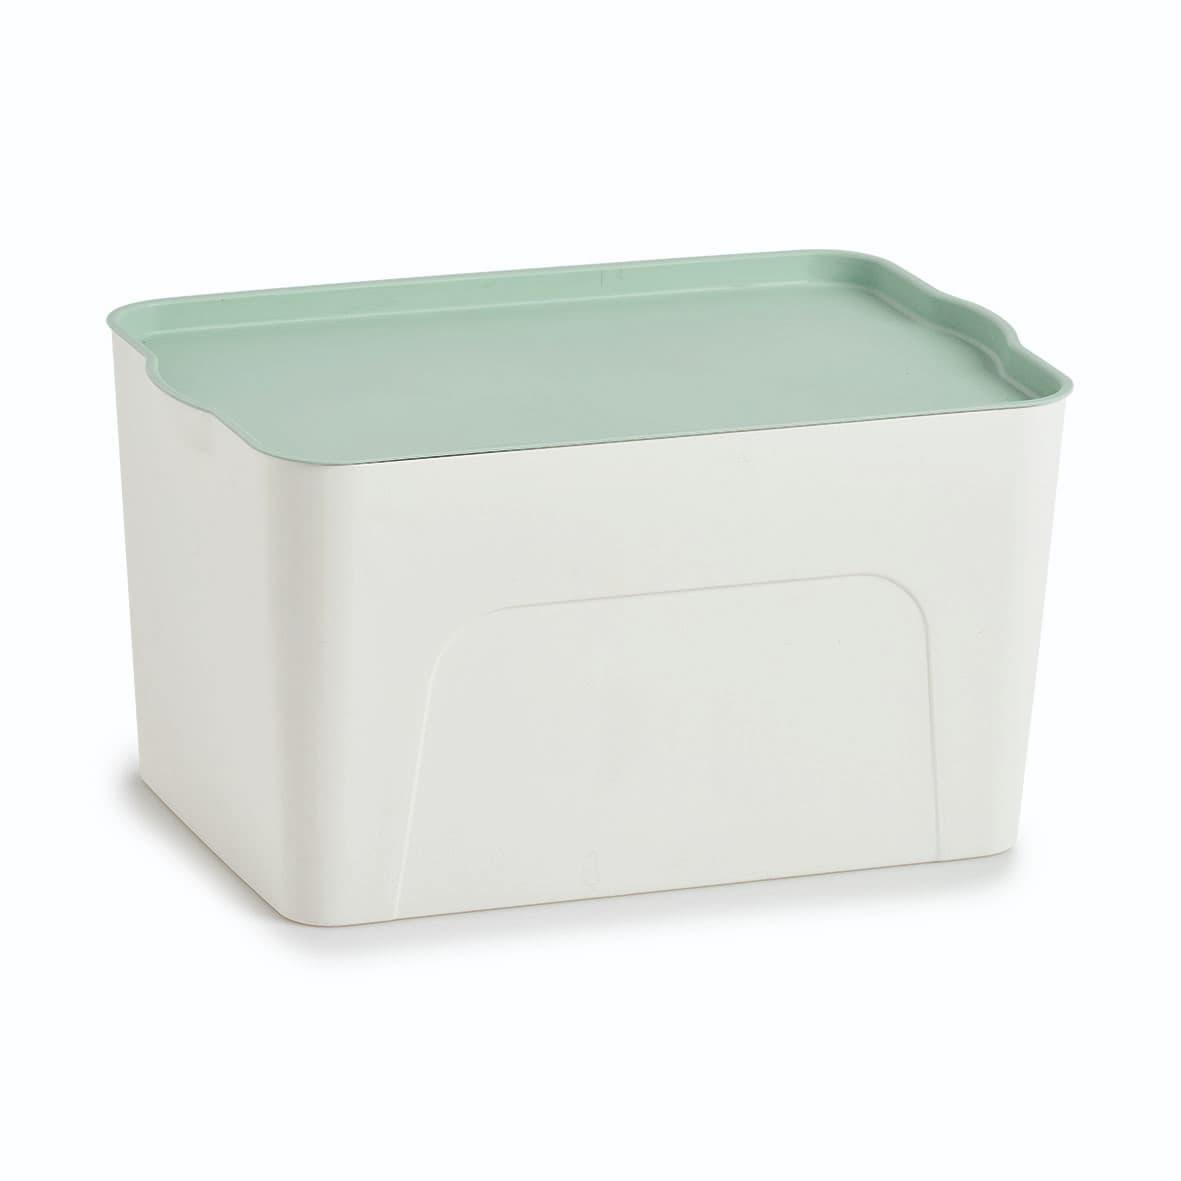 Cutie pentru depozitare din plastic, Lid III Alb / Verde Mint, L44,5xl30xH24,5 cm